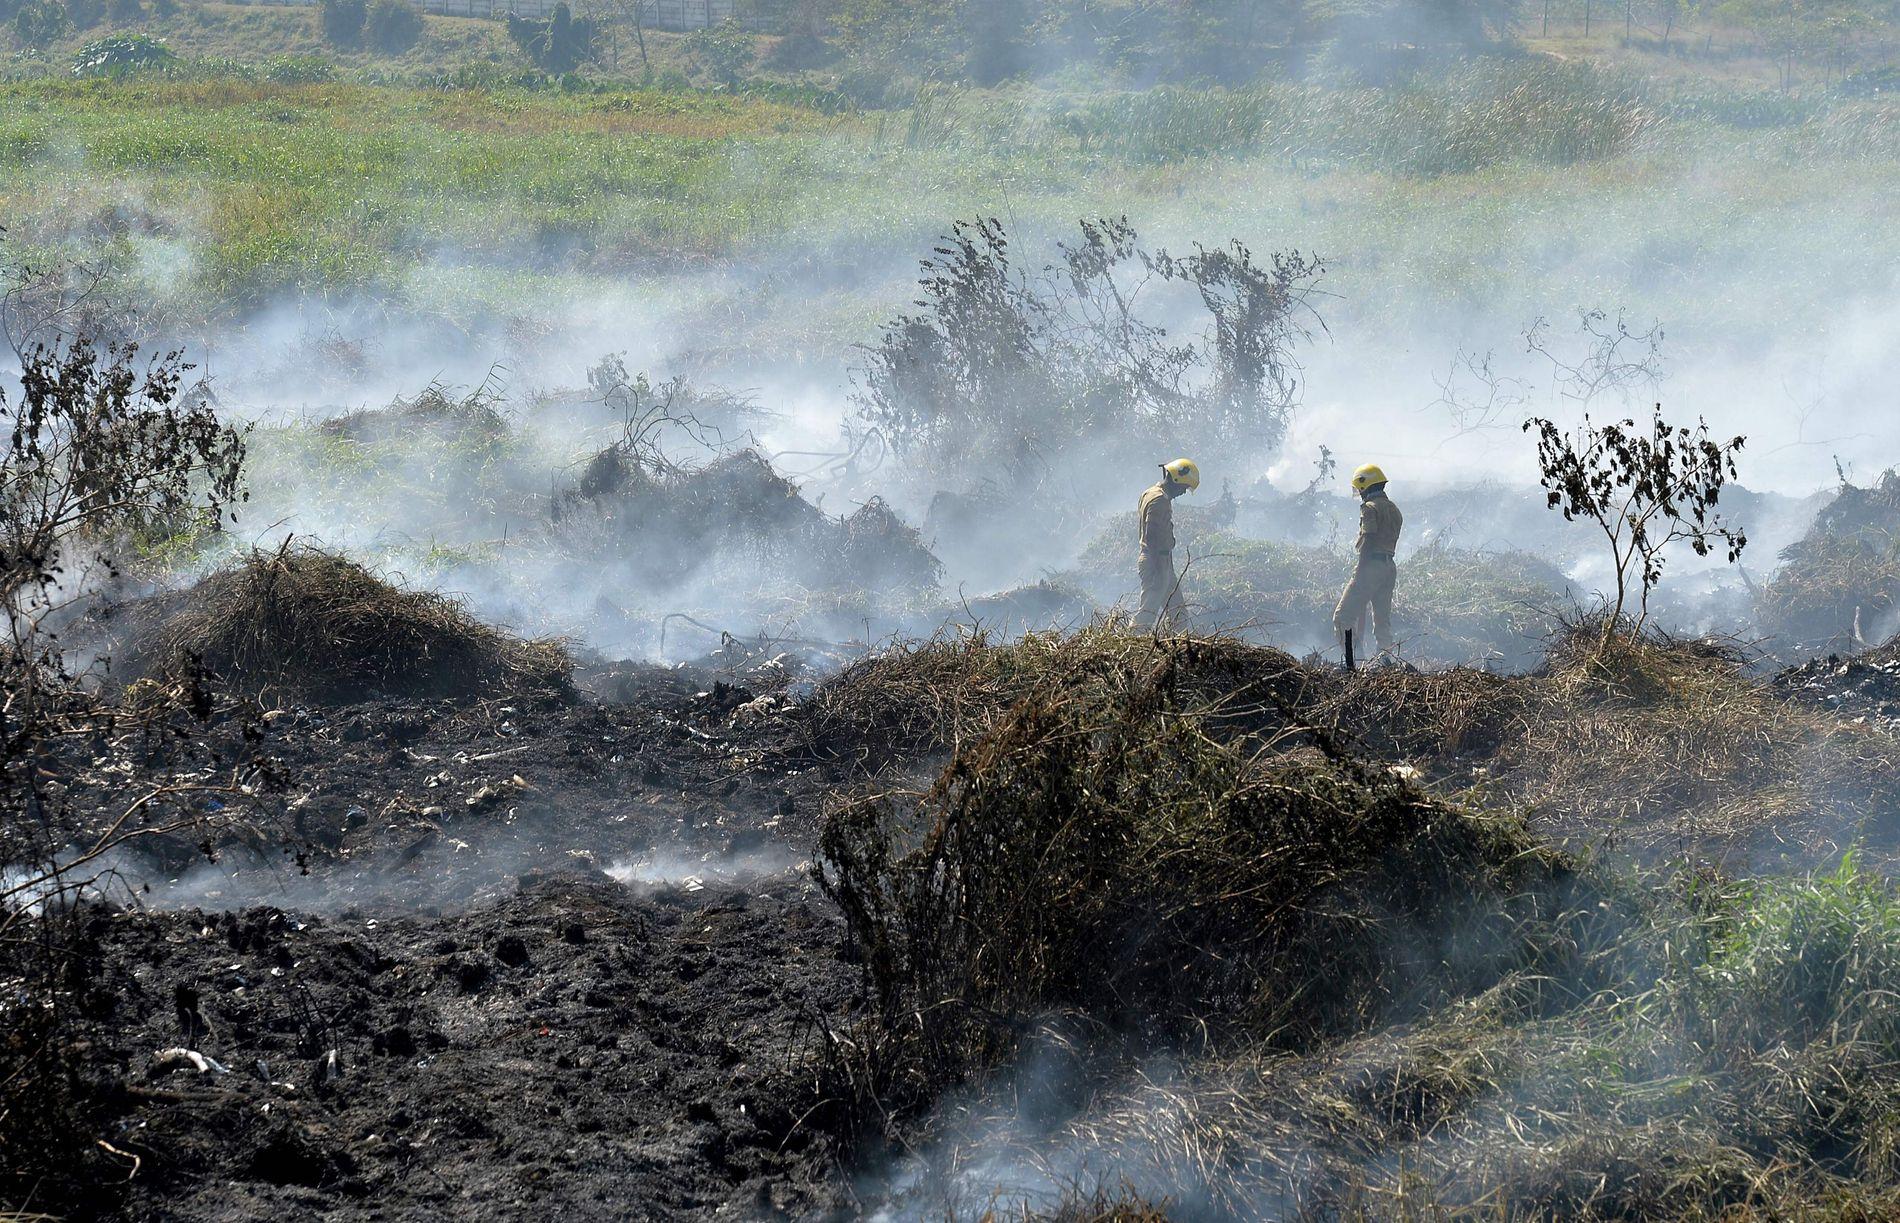 INNSJØ I BRANN: Indisk brannmannskap jobber med å slukke brannen på den forurensede innsjøen Bellandur.